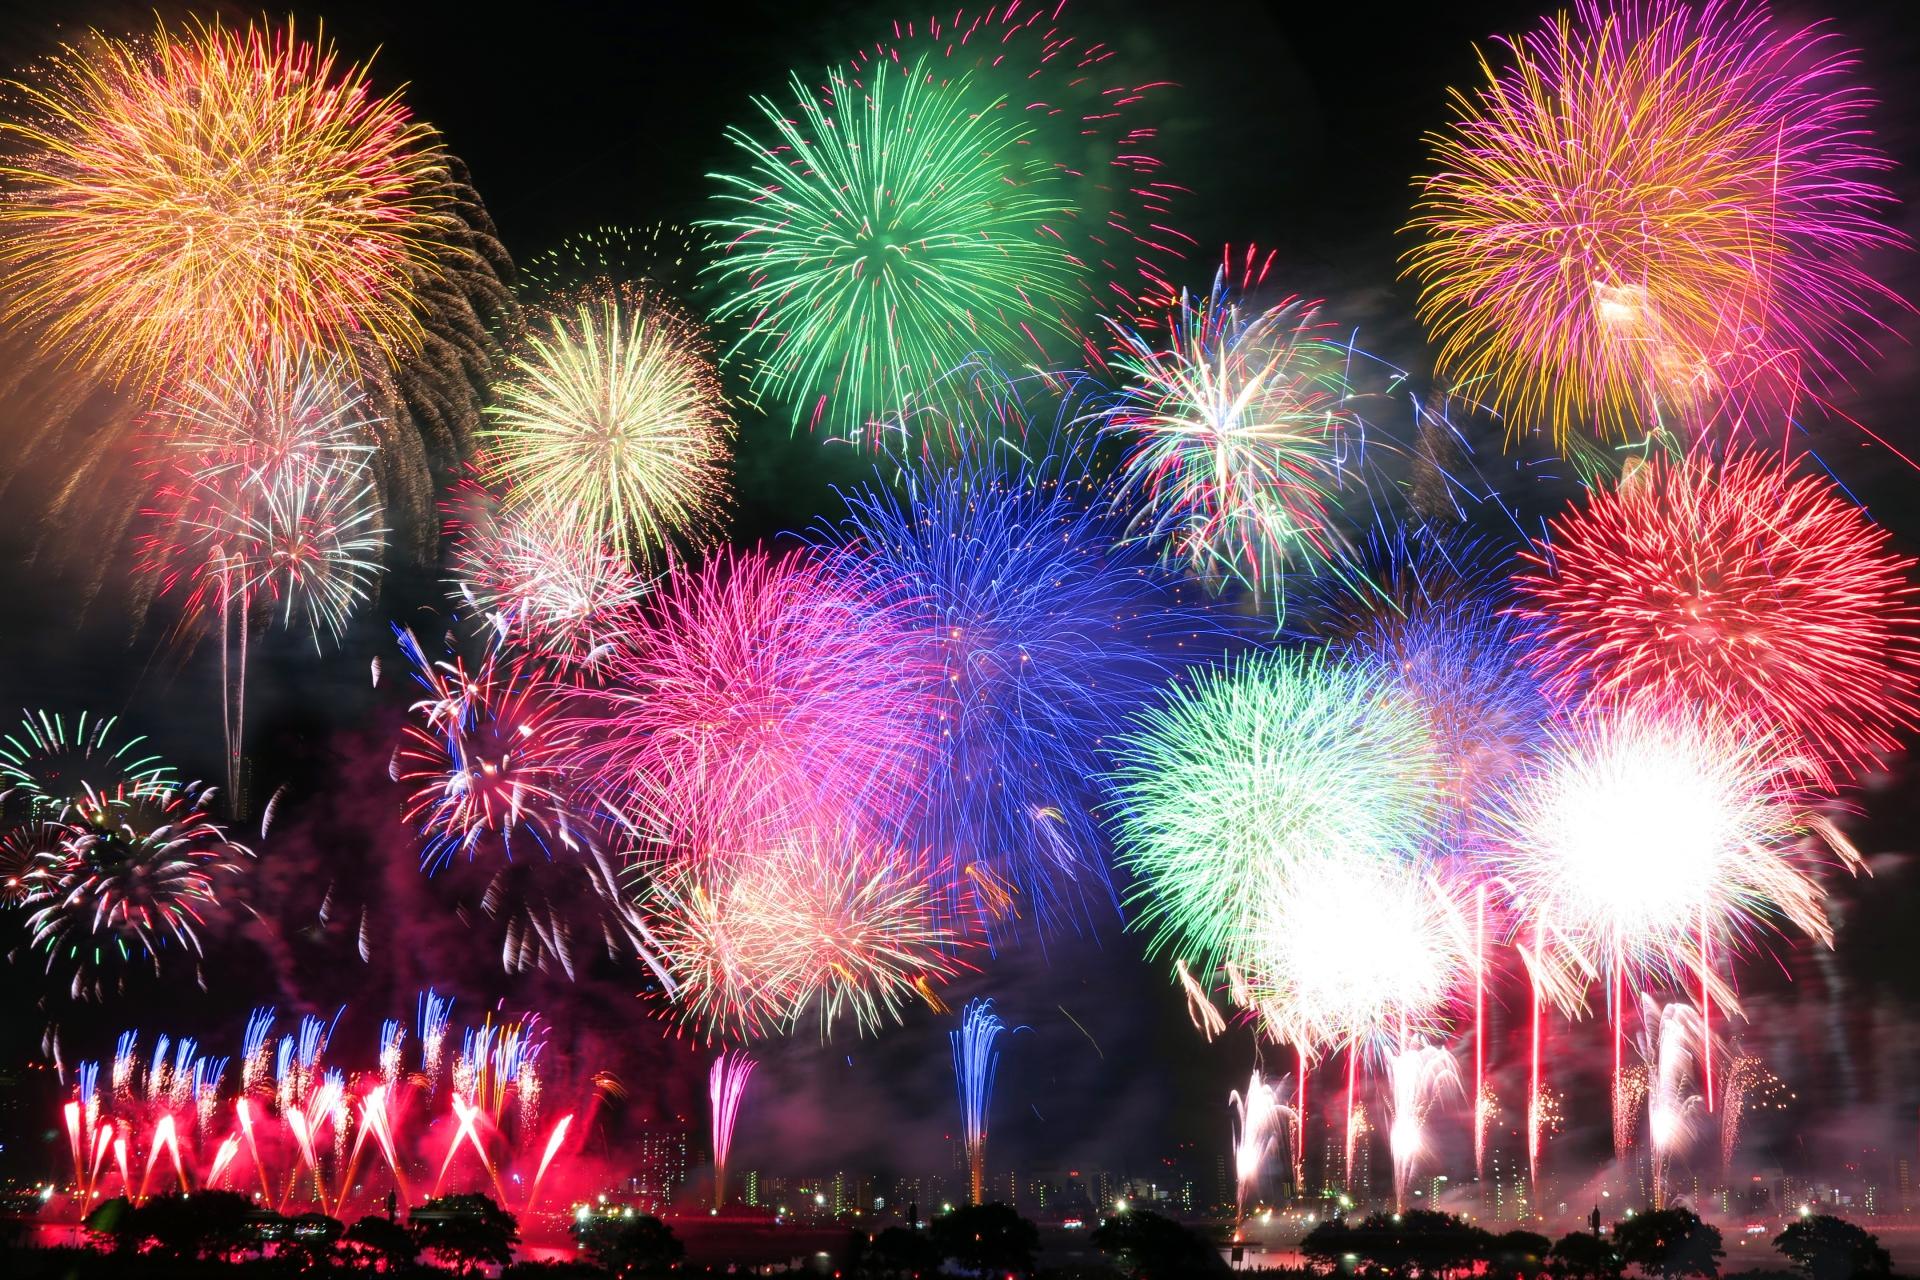 松戸花火大会2017年の日程、穴場スポットは?有料席や時間つぶしスポットも紹介!